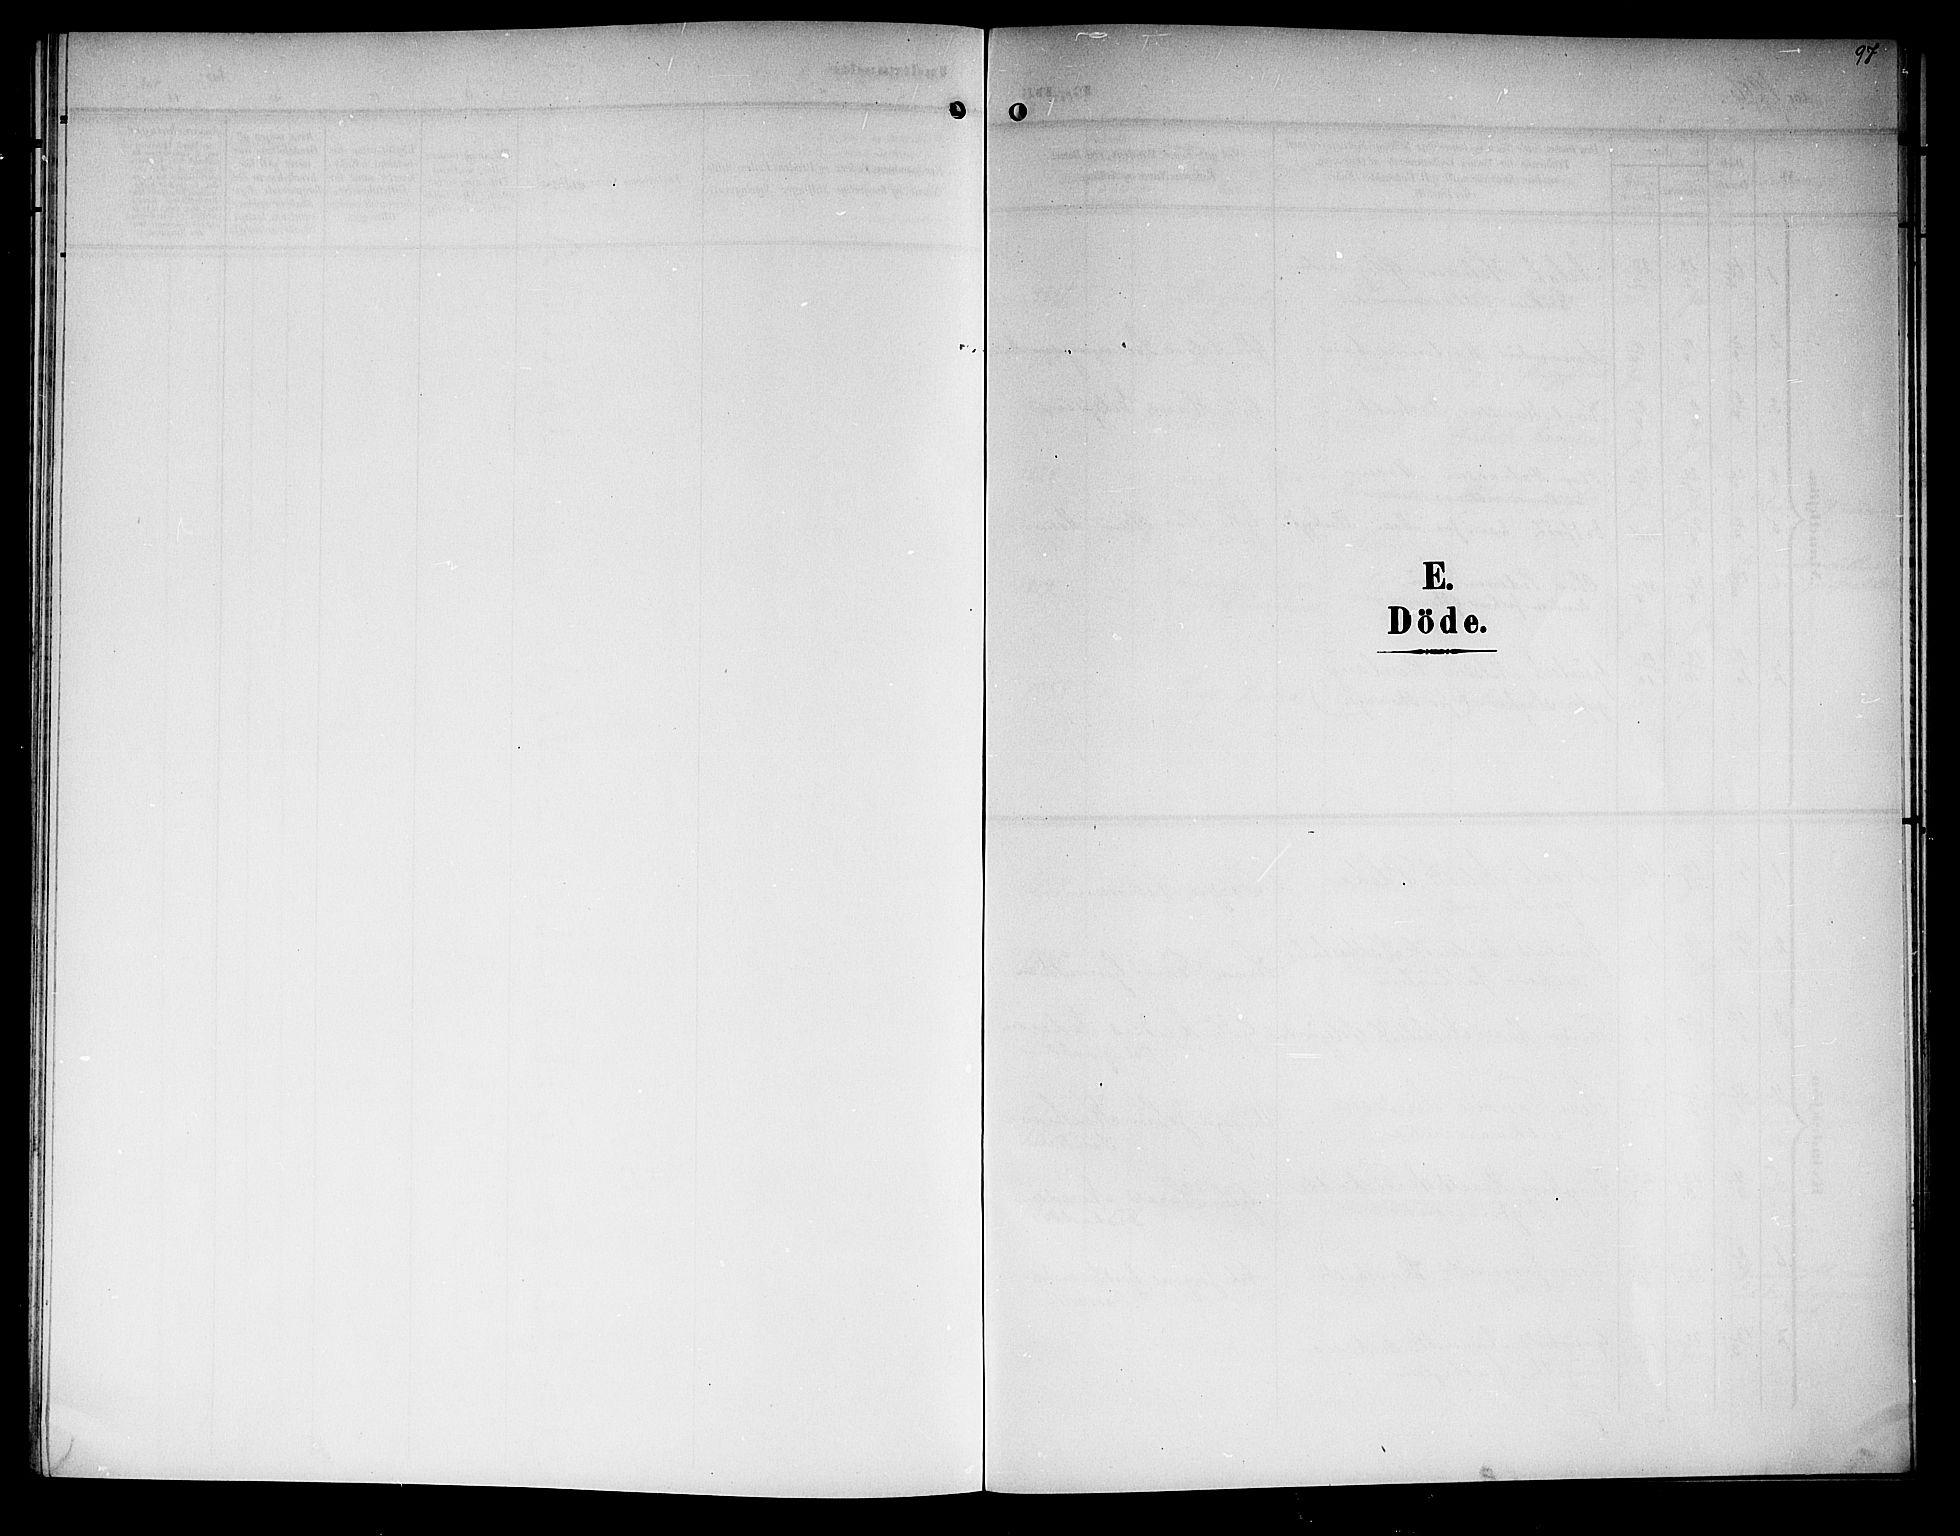 SAKO, Lunde kirkebøker, G/Ga/L0004: Klokkerbok nr. I 4, 1906-1914, s. 97